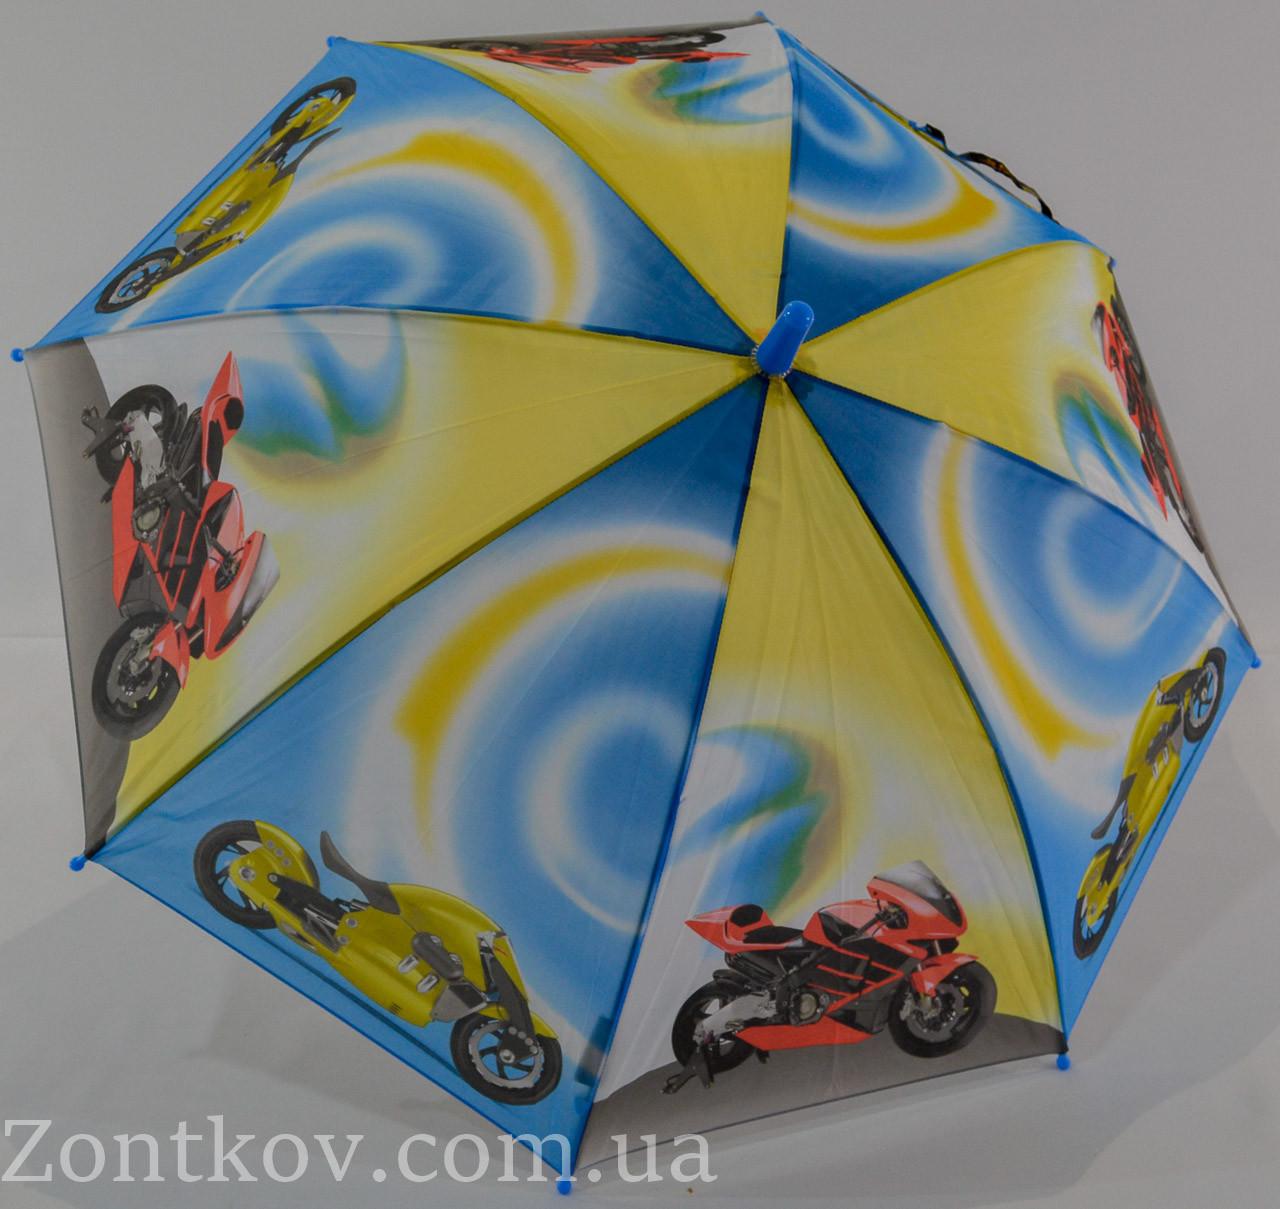 """Дитячий парасольку для хлопчика з мотоциклами і машинками на 5-8 років від фірми """"SL"""""""